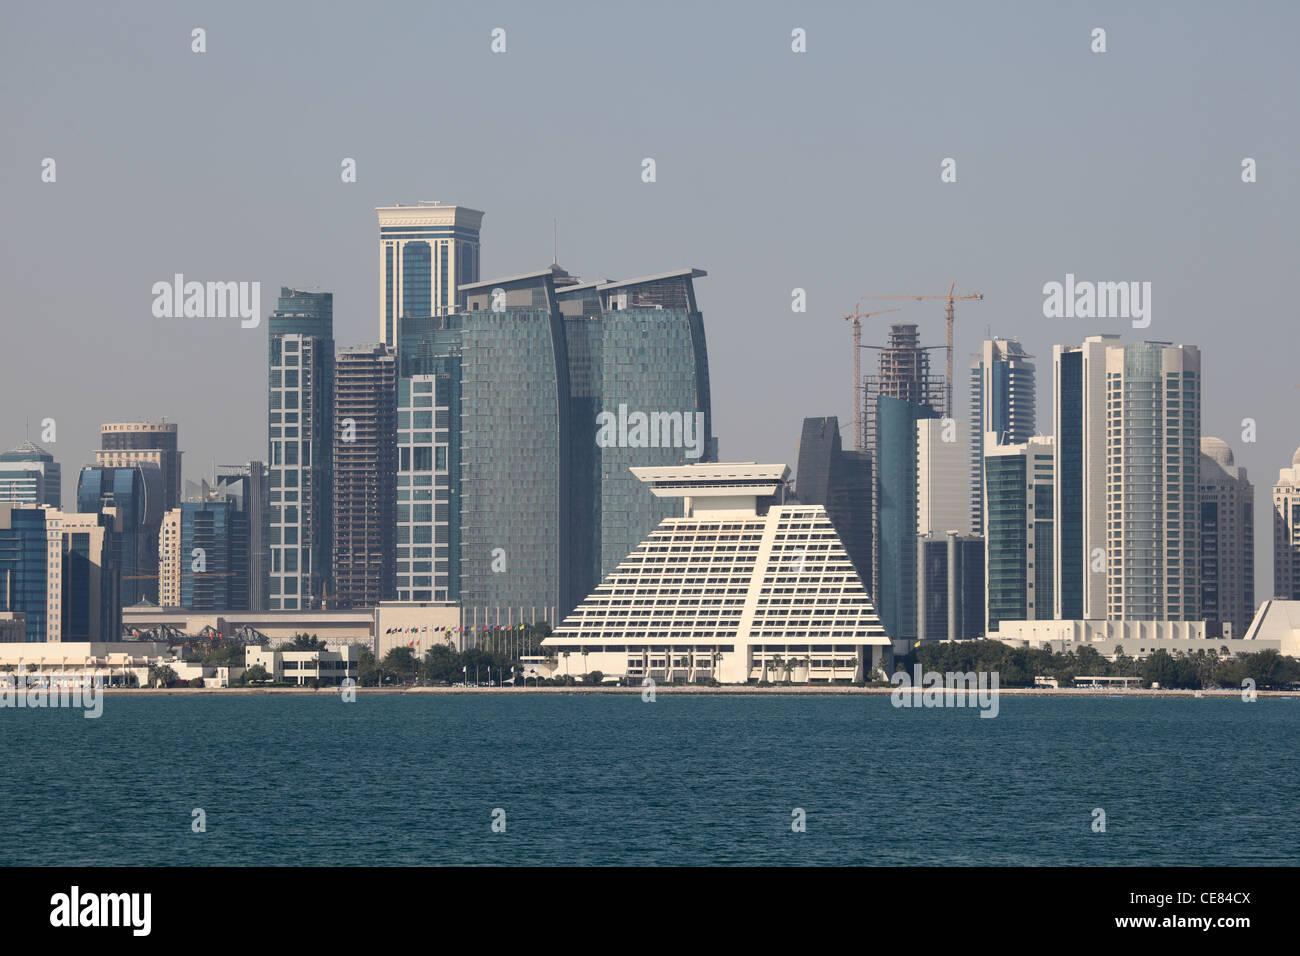 Skyline del centro di Doha district Dafna. Il Qatar, Medio Oriente Immagini Stock